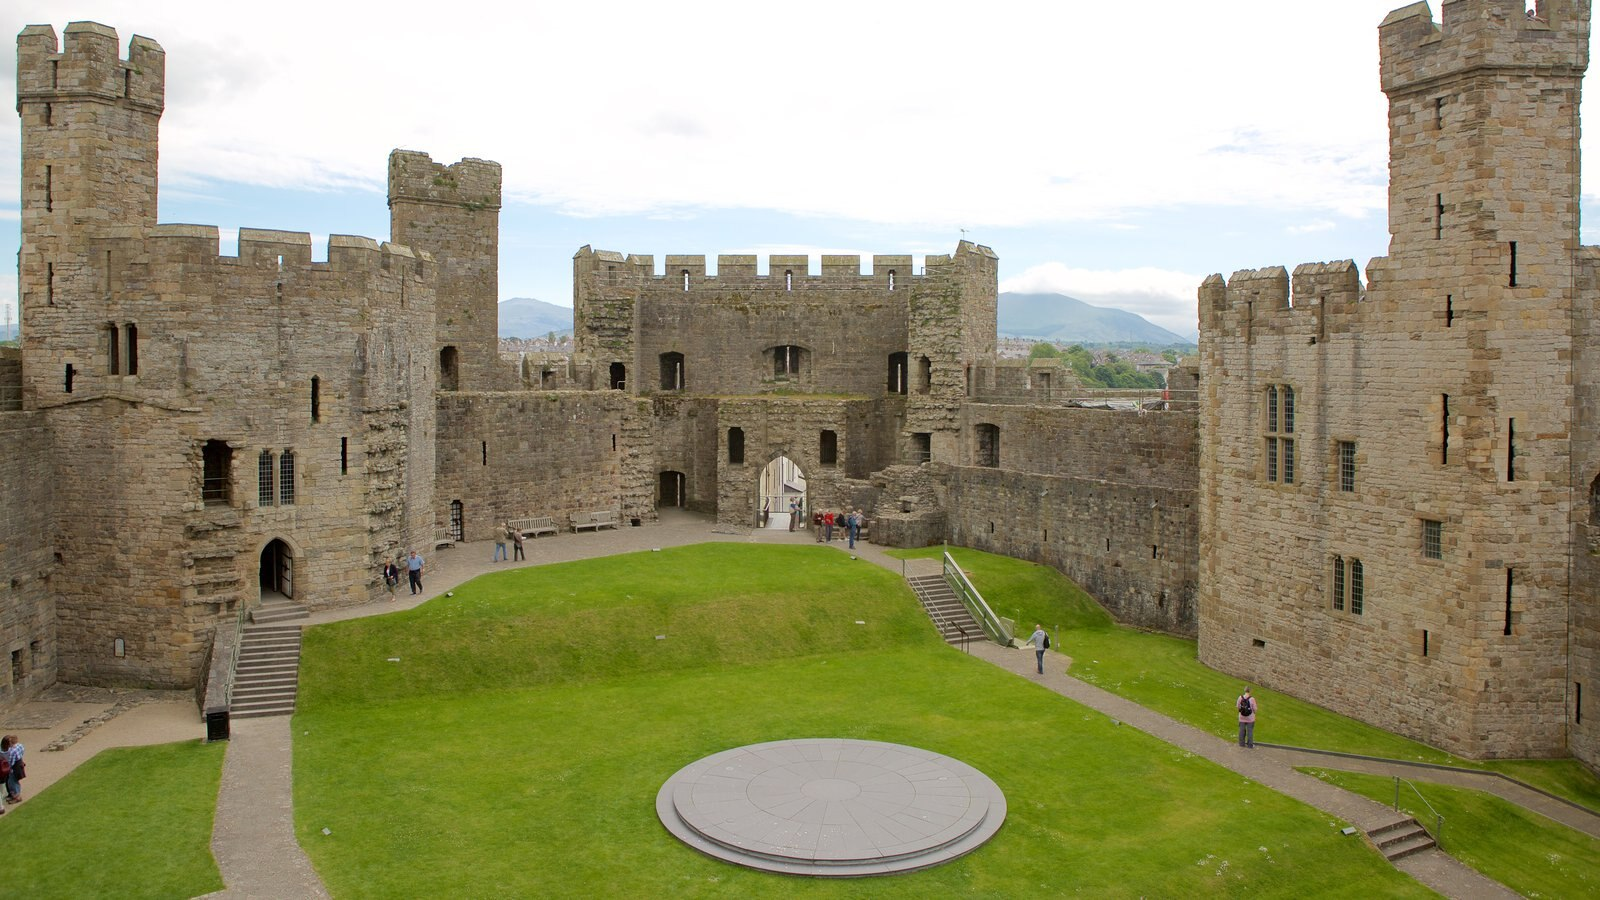 Castillo de Caernarfon ofreciendo elementos del patrimonio y un castillo